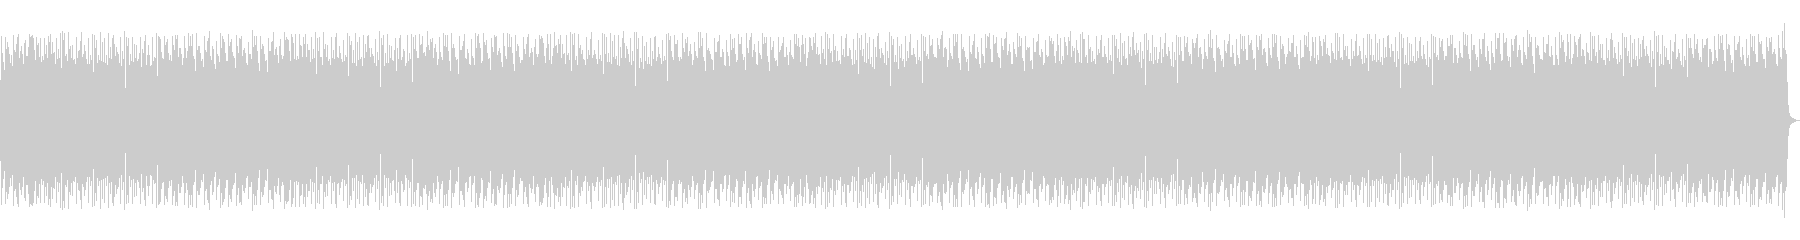 おしゃれなピアノのボサノバ、チルアウトの未再生の波形